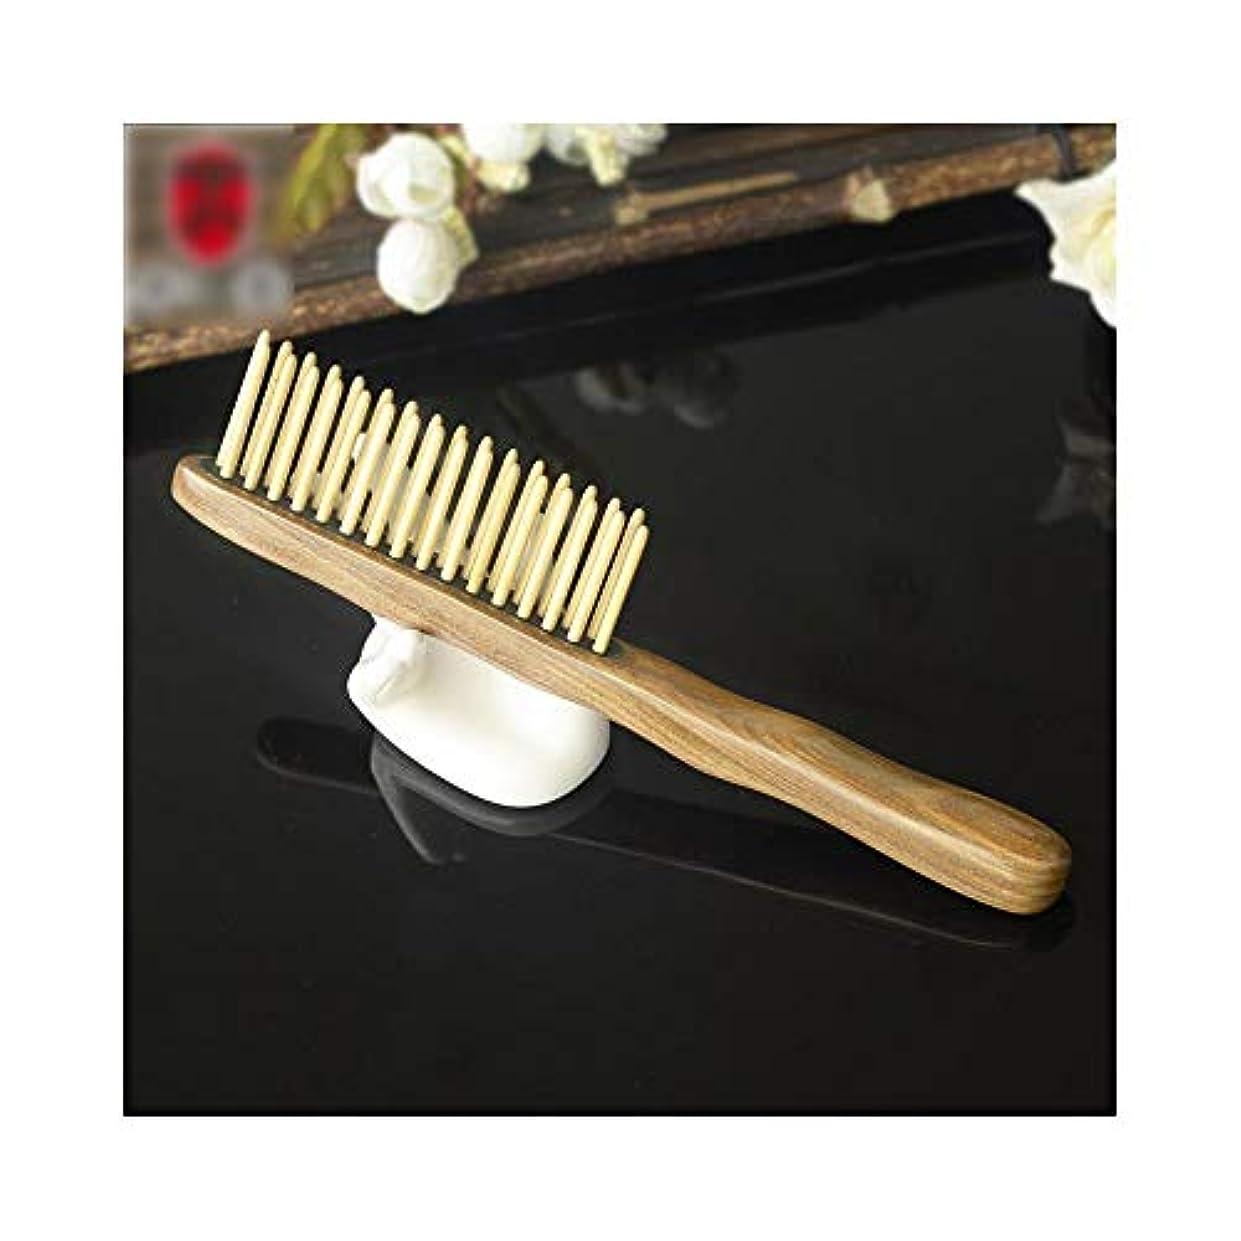 ばか拍車添加WASAIO 自然なサンダルウッドの木製の櫛の二重列のピニオンの櫛-もつれ、静的なヘアブラシのブラシ無し手作りの木製の反静的なマッサージのエアバッグ